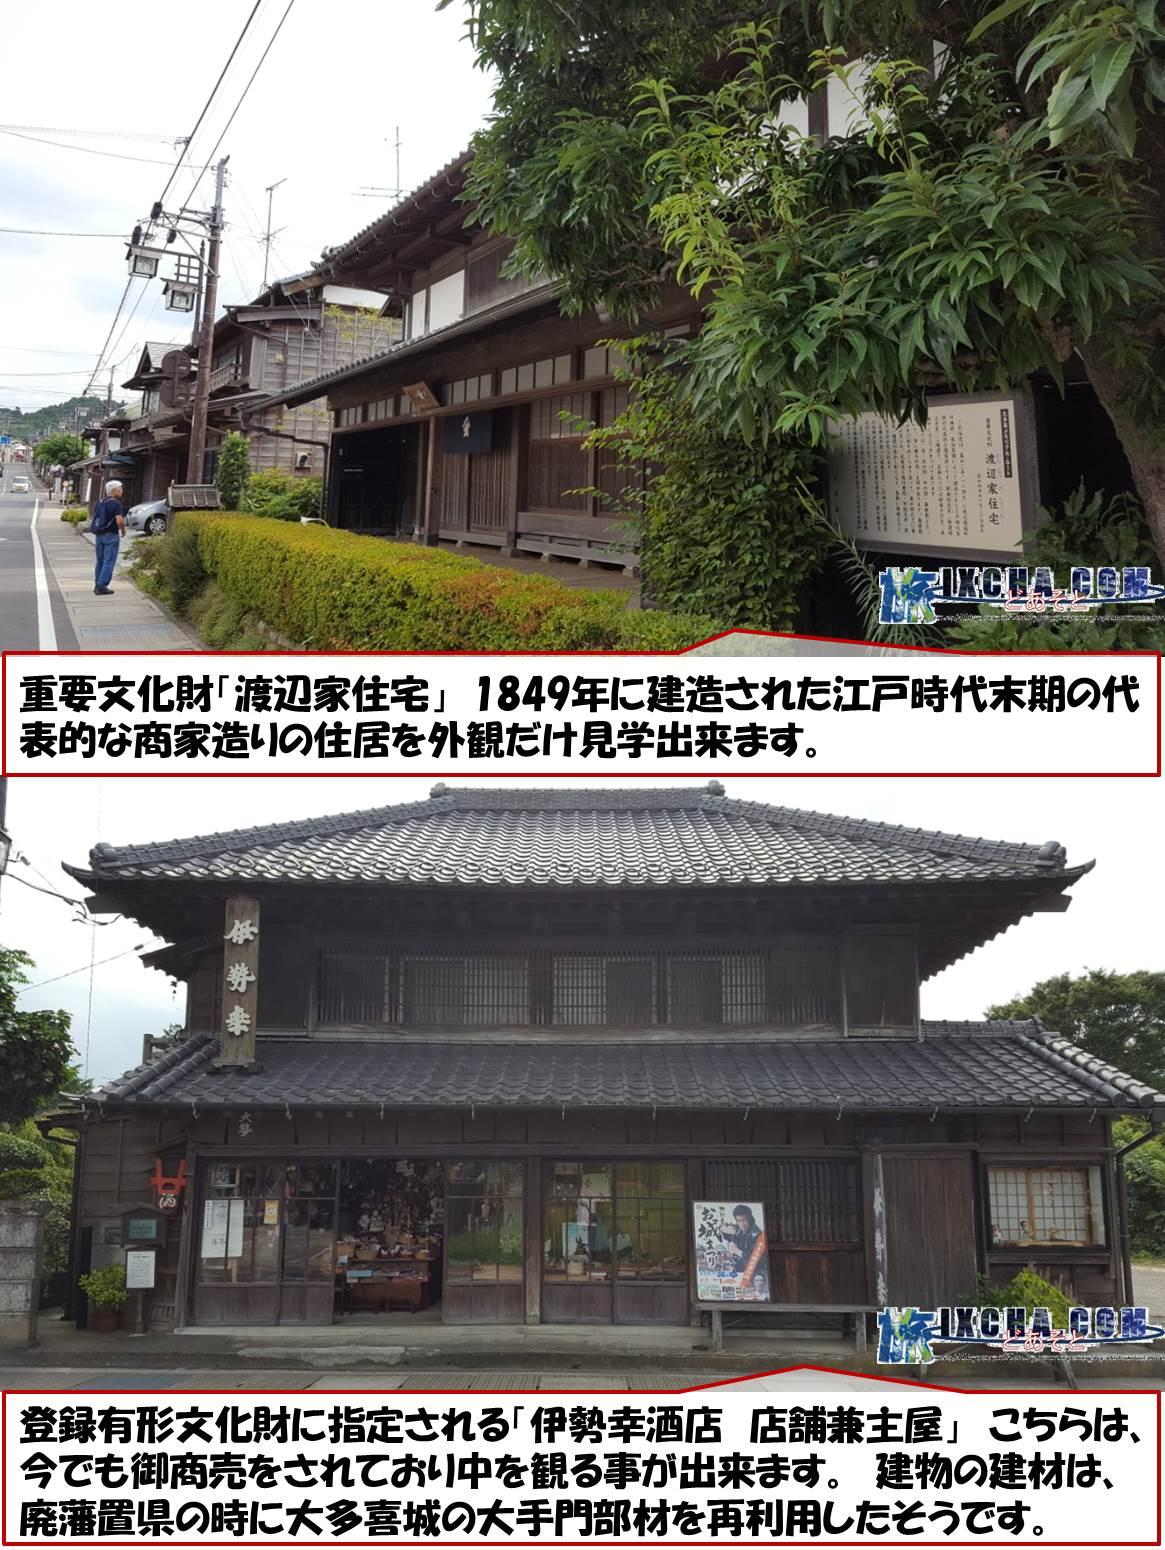 重要文化財「渡辺家住宅」 1849年に建造された江戸時代末期の代表的な商家造りの住居を外観だけ見学出来ます。 登録有形文化財に指定される「伊勢幸酒店 店舗兼主屋」 こちらは、今でも御商売をされており中を観る事が出来ます。 建物の建材は、廃藩置県の時に大多喜城の大手門部材を再利用したそうです。